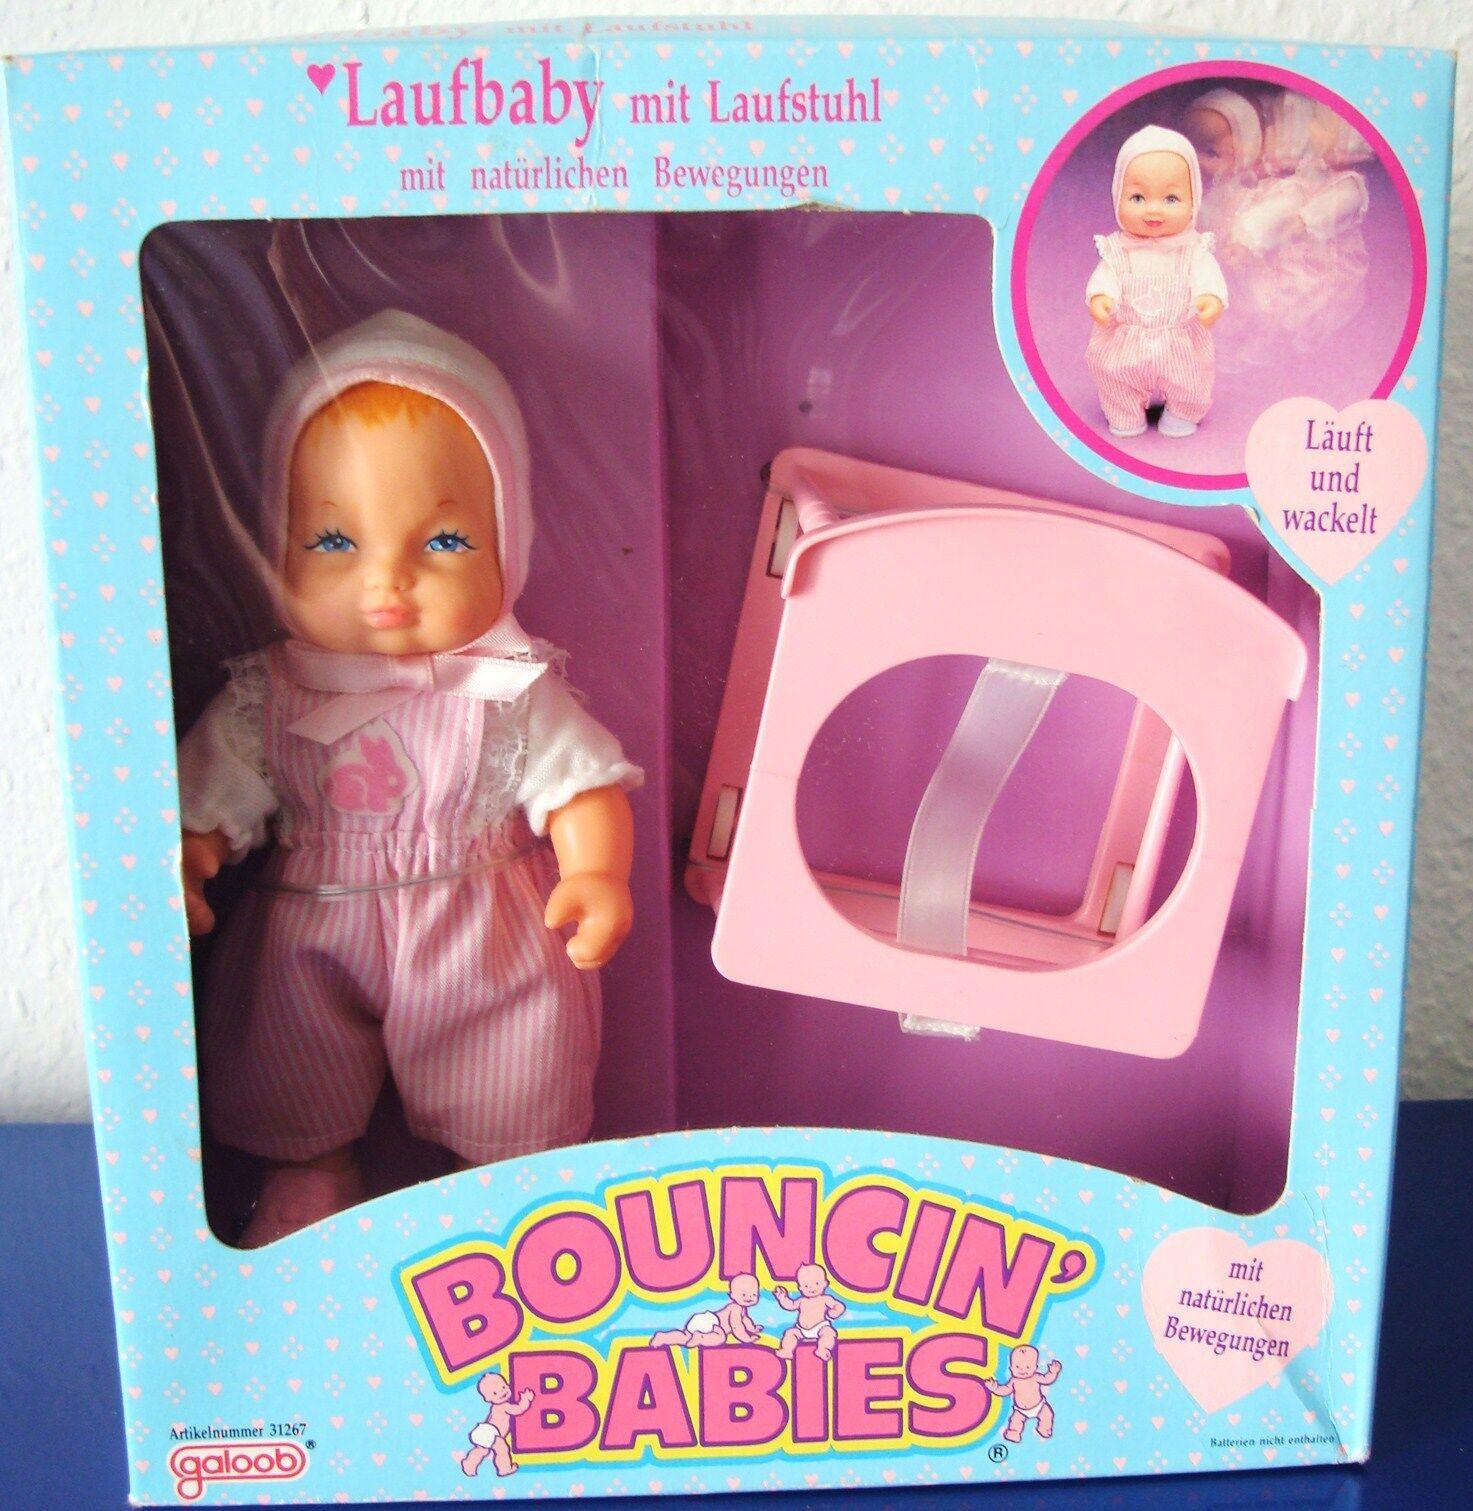 Bouncin Babies - Puppe - Laufbaby mit Laufstuhl 1989 Galoob absolut NEU und NRFB